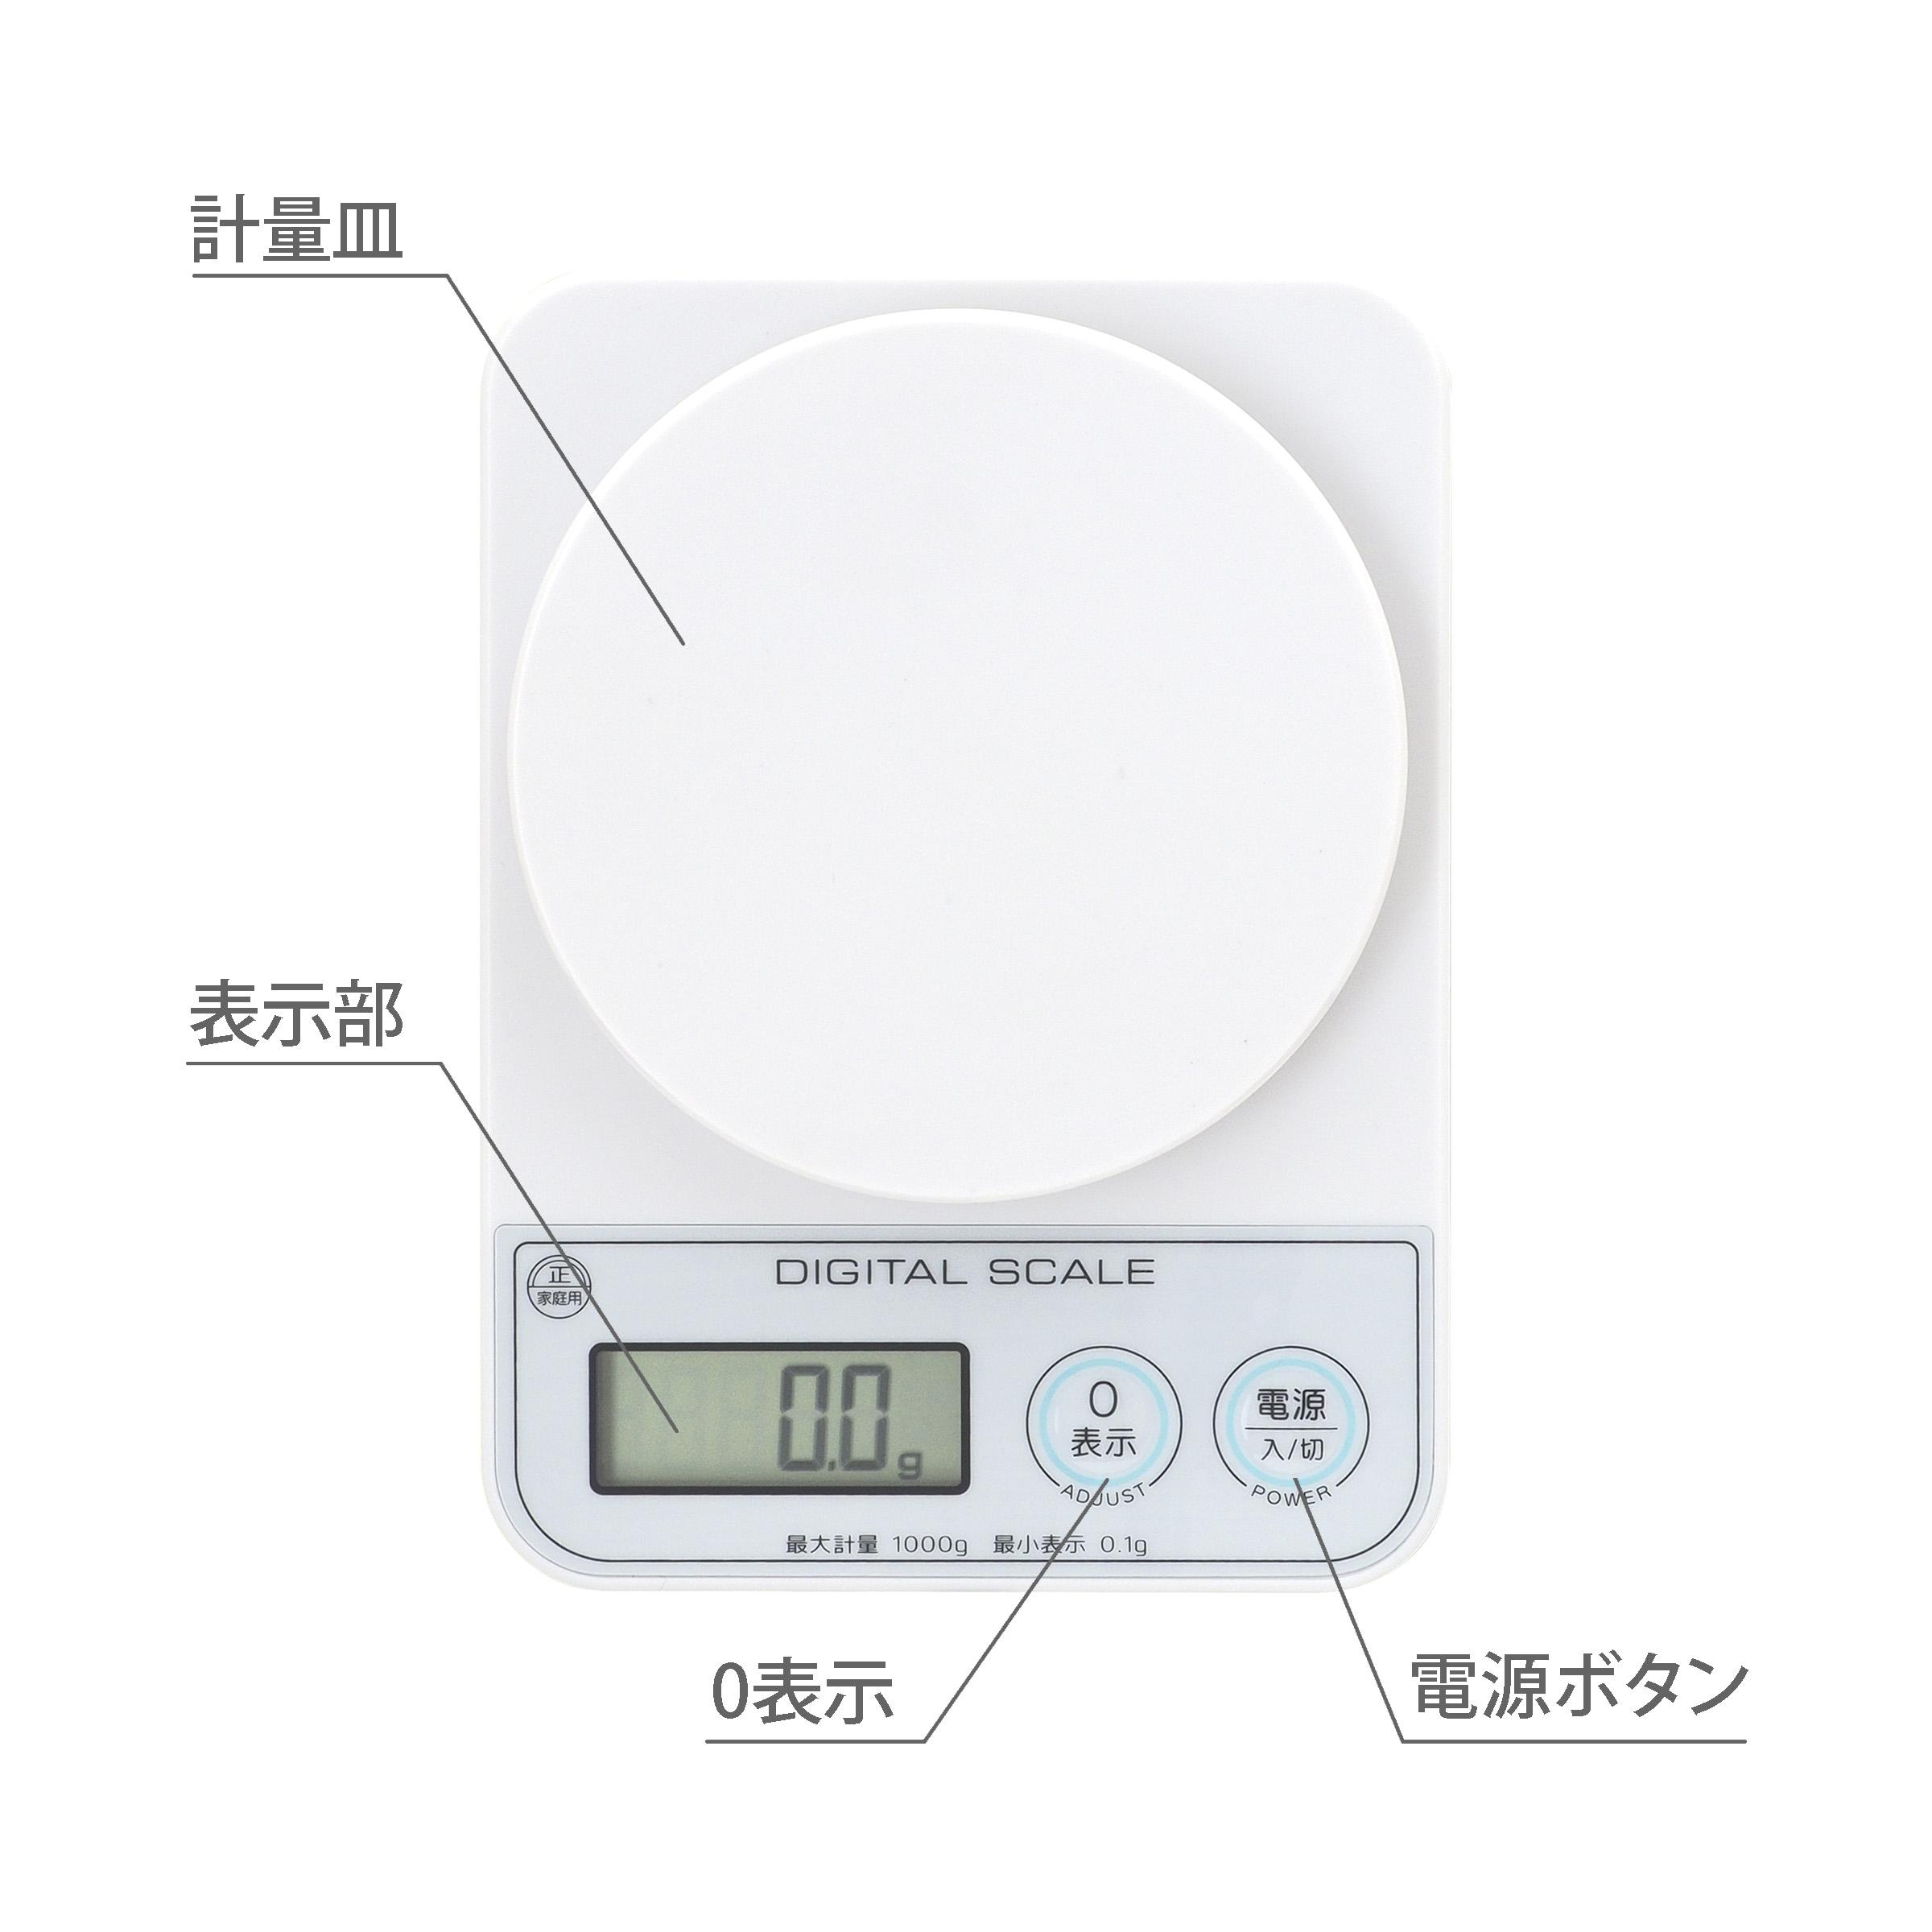 デジタルスケール 1kg image02